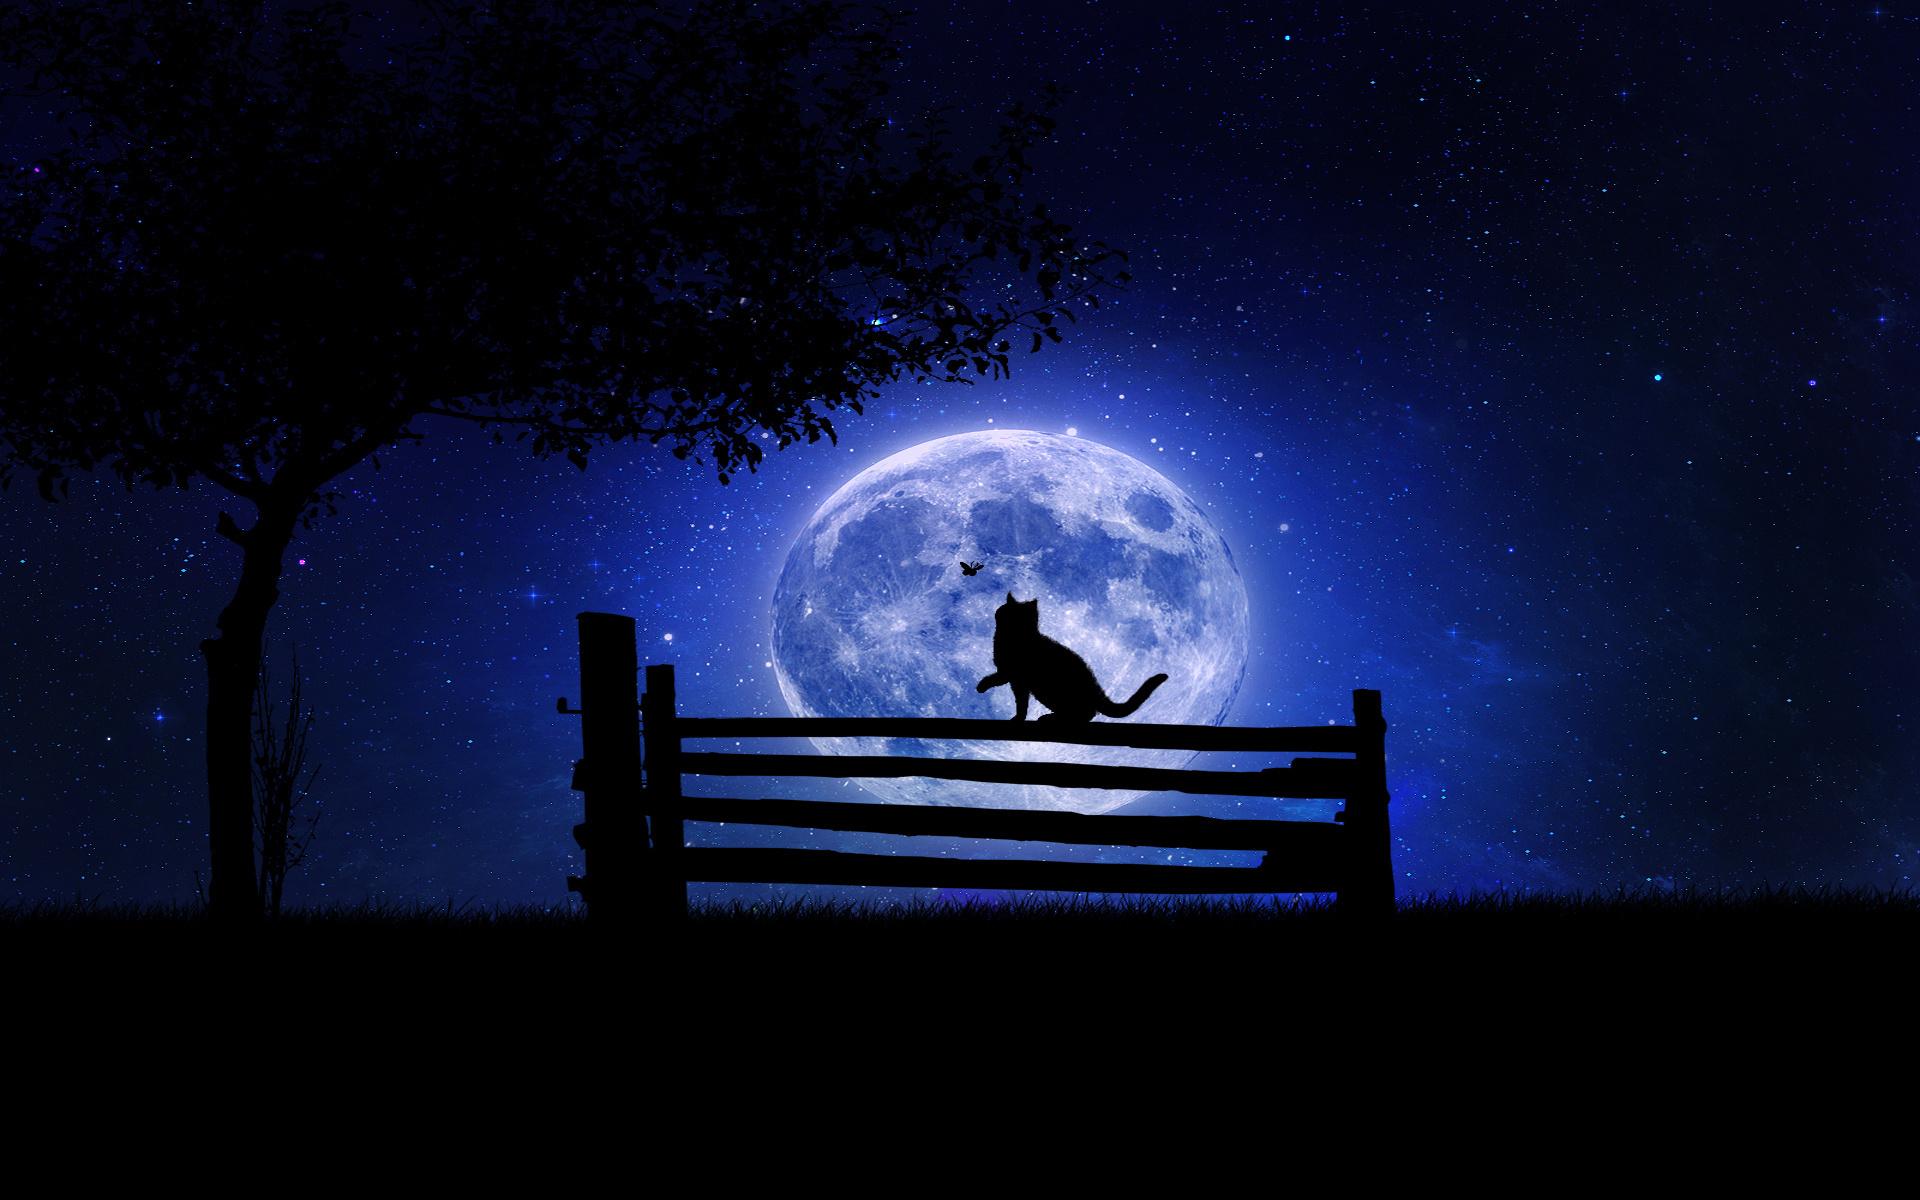 скамейка ночь скачать